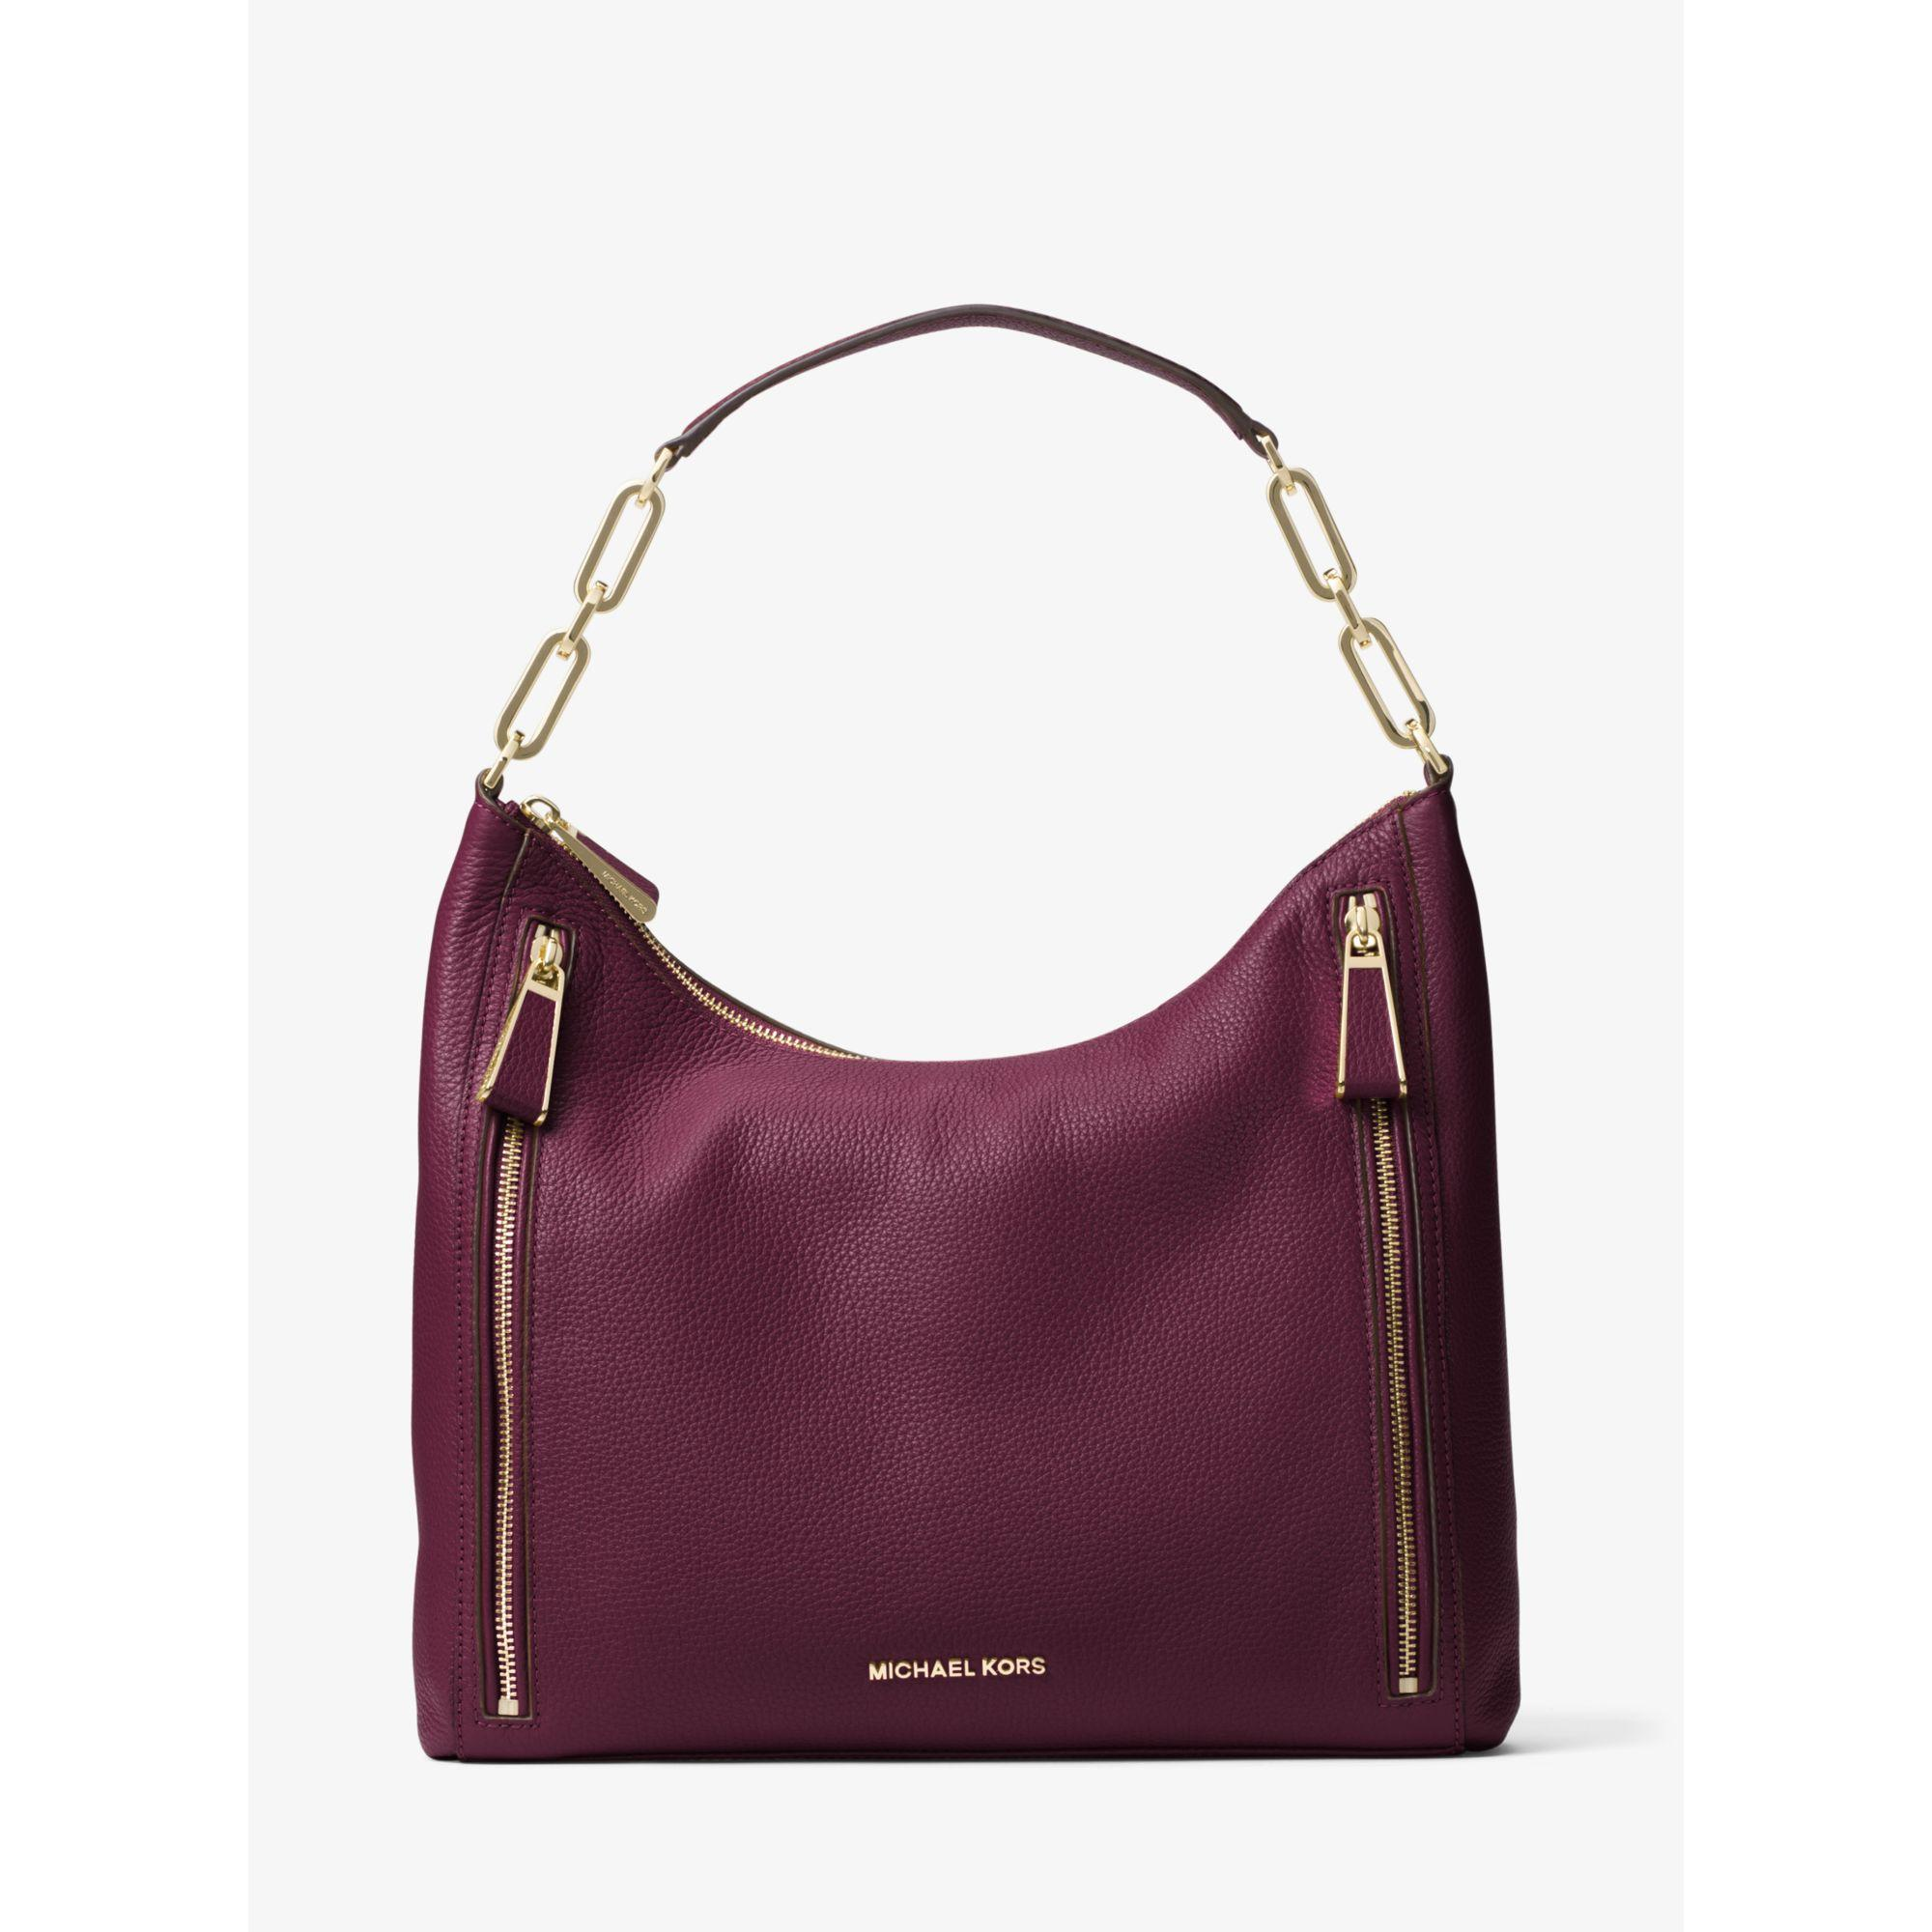 6045c2ff4ff9 Michael Kors Matilda Large Leather Shoulder Bag in Purple - Lyst